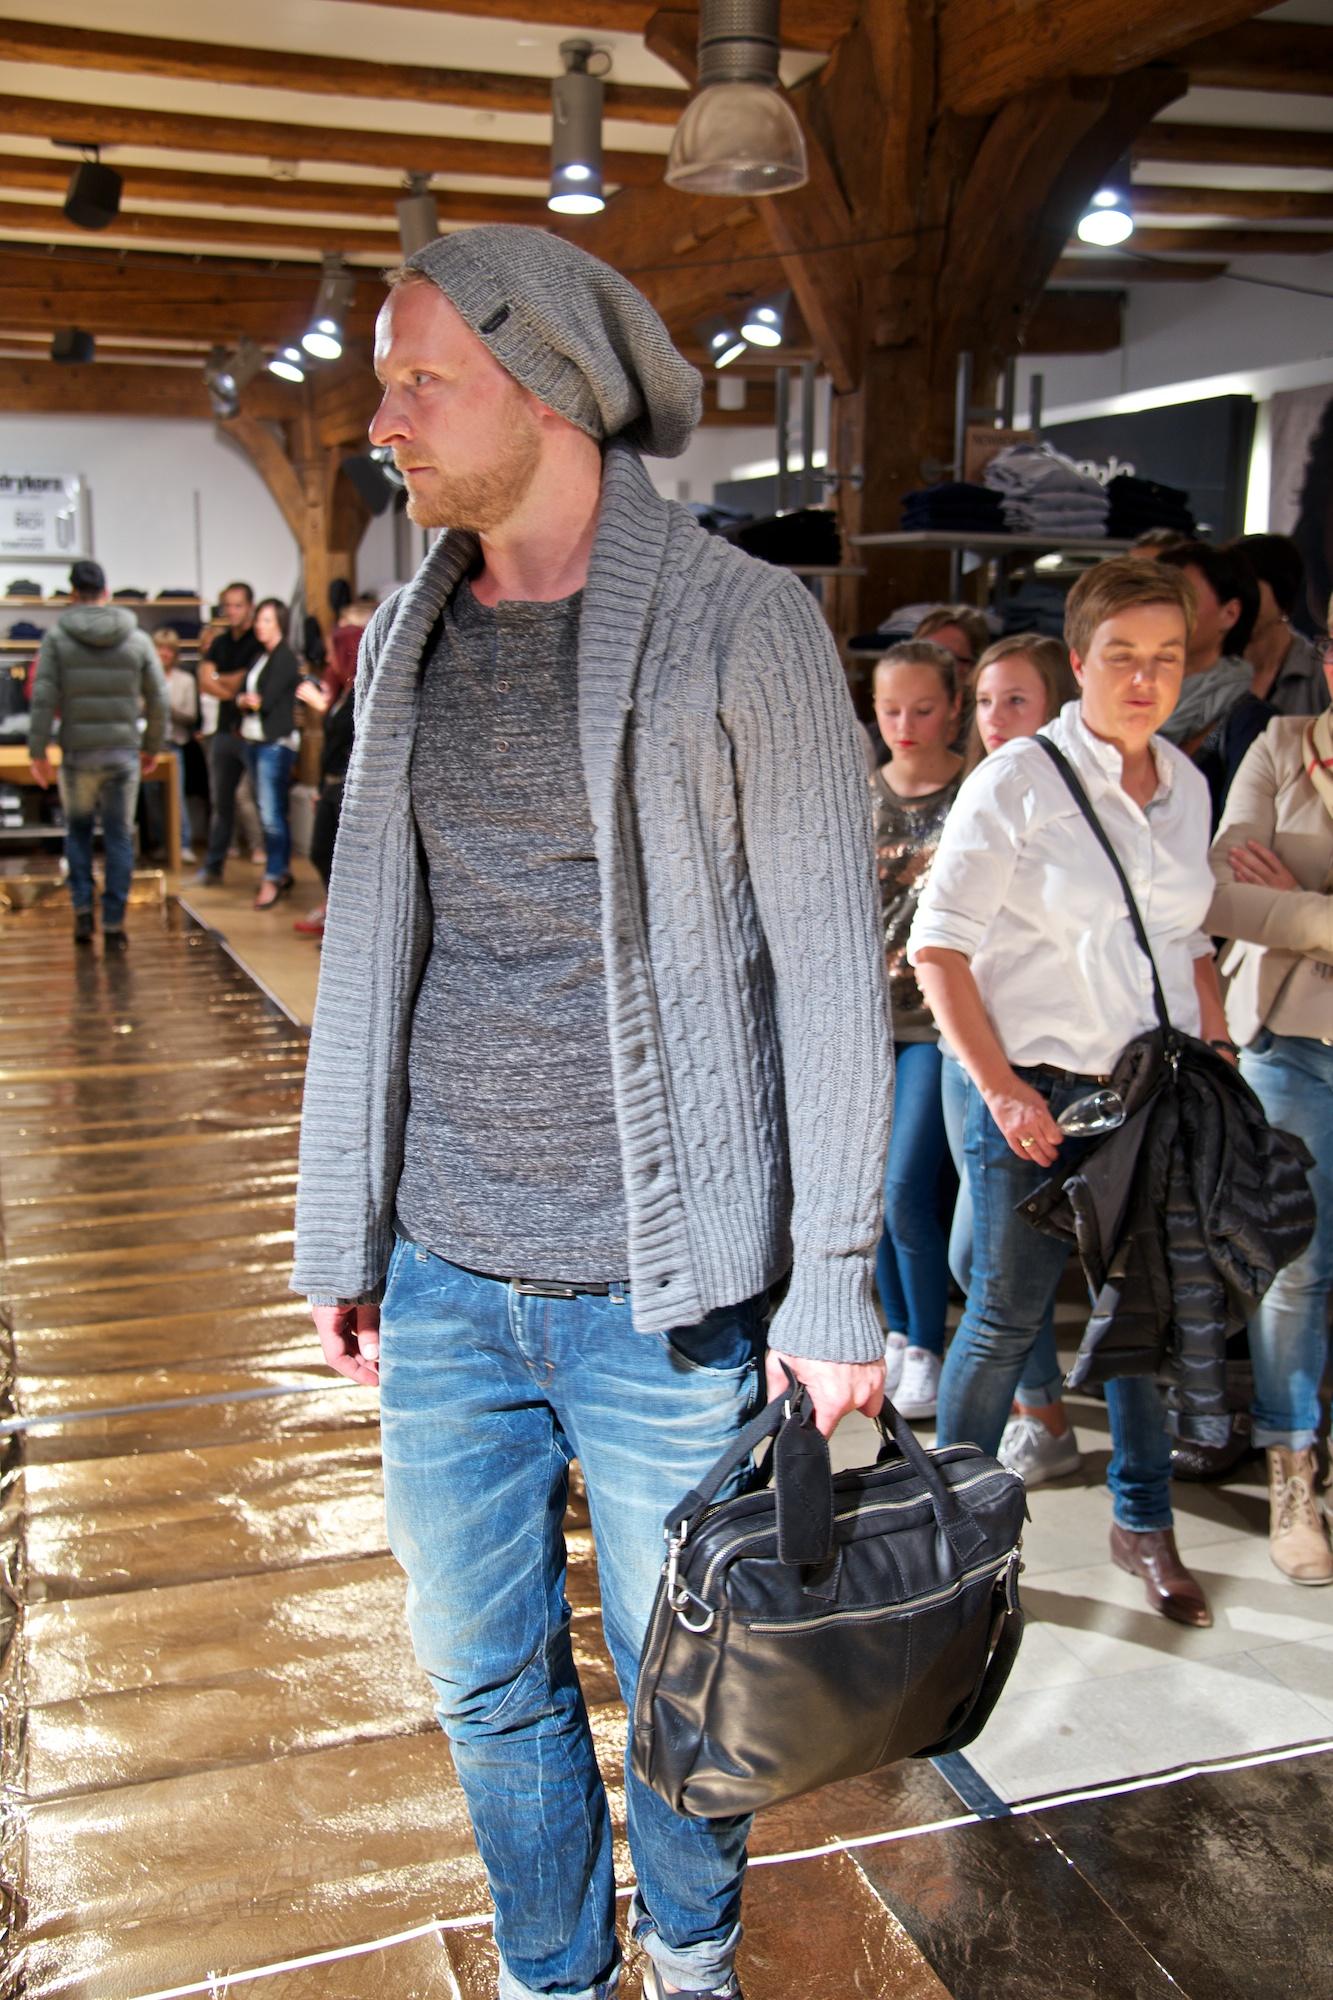 KW_140917_Fashionshow_web_035.jpg